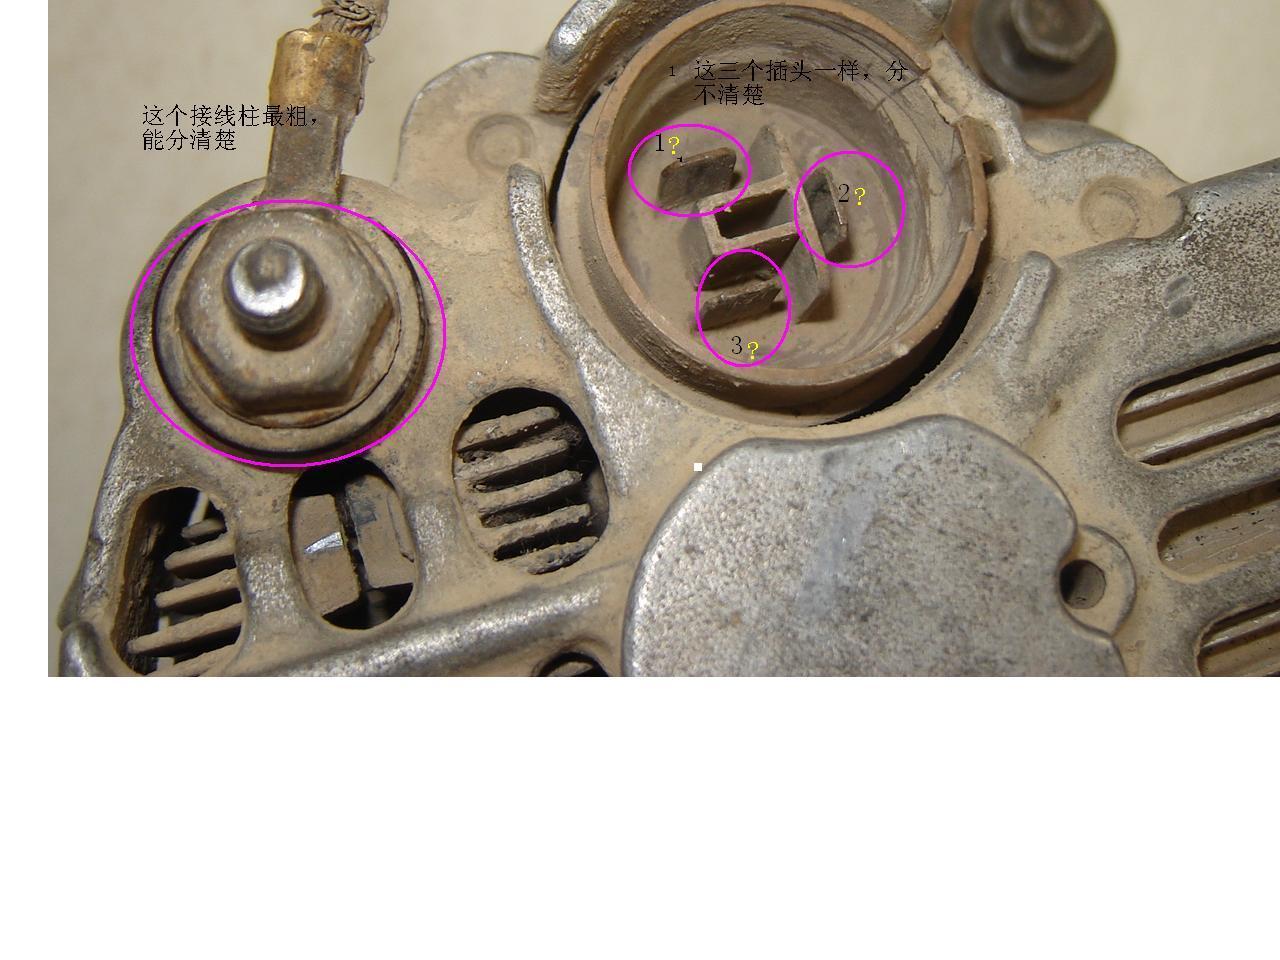 一个为发电机f(磁场)接线柱   一个为发电机外搭铁接线柱   高清图片